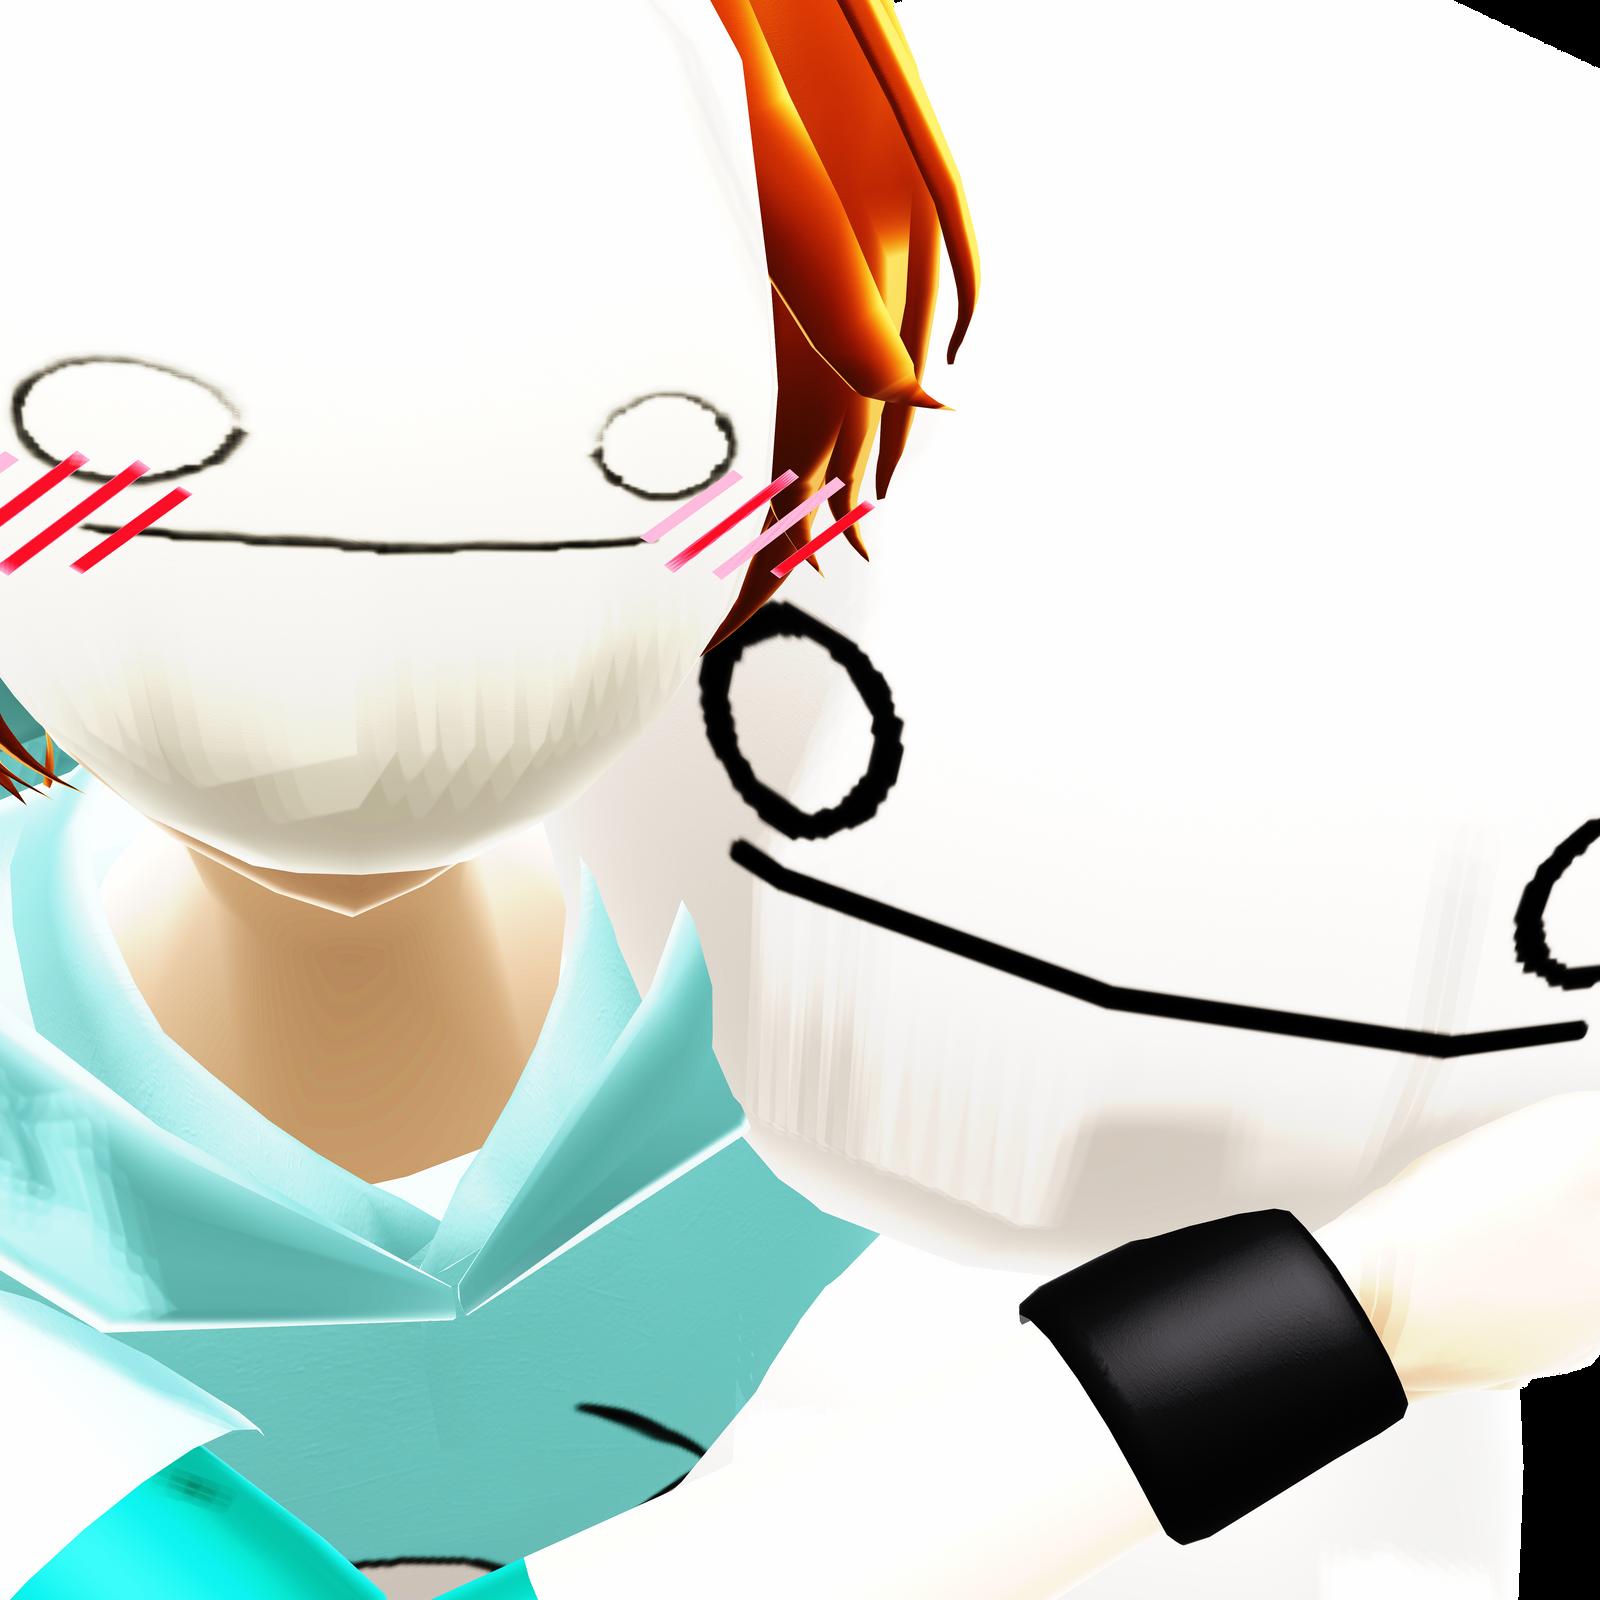 miku-hatsune346's Profile Picture